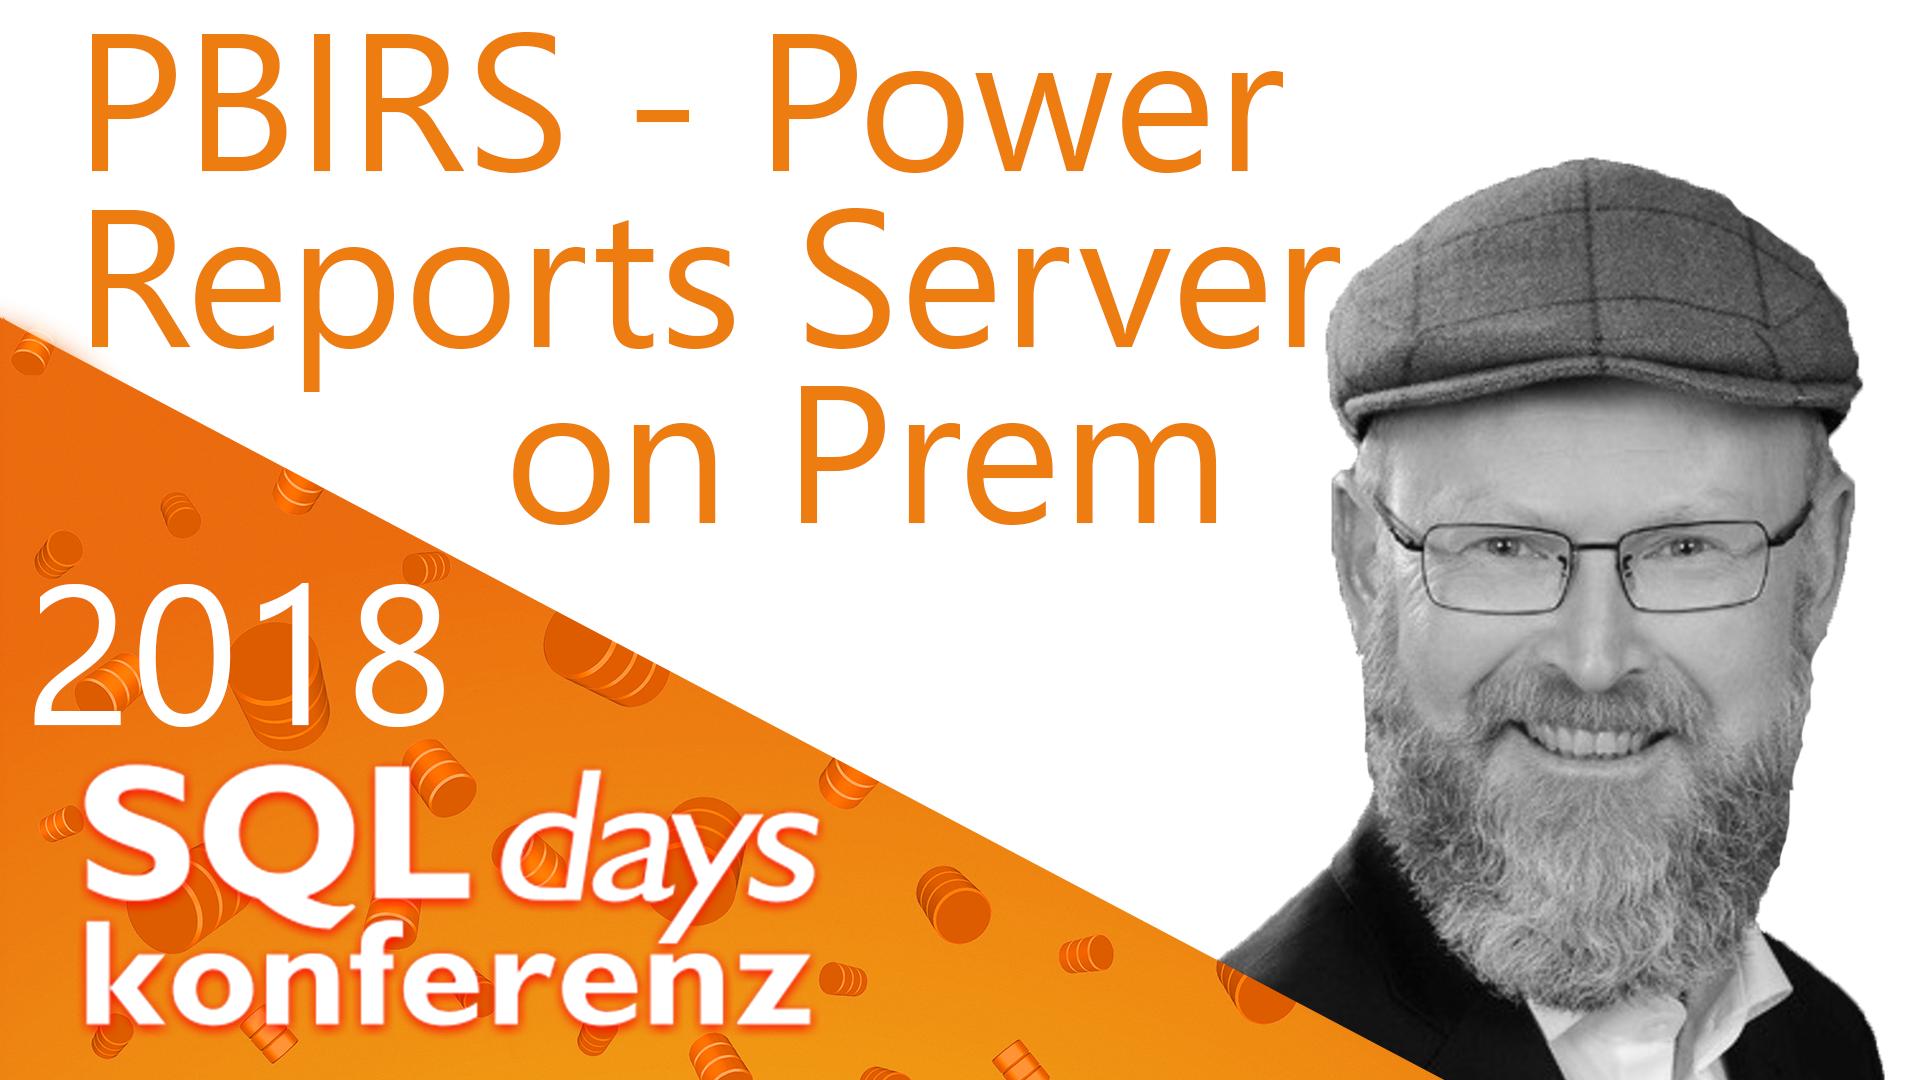 2018/SQLDays/PBIRS-PowerBIReportsServeronPrem